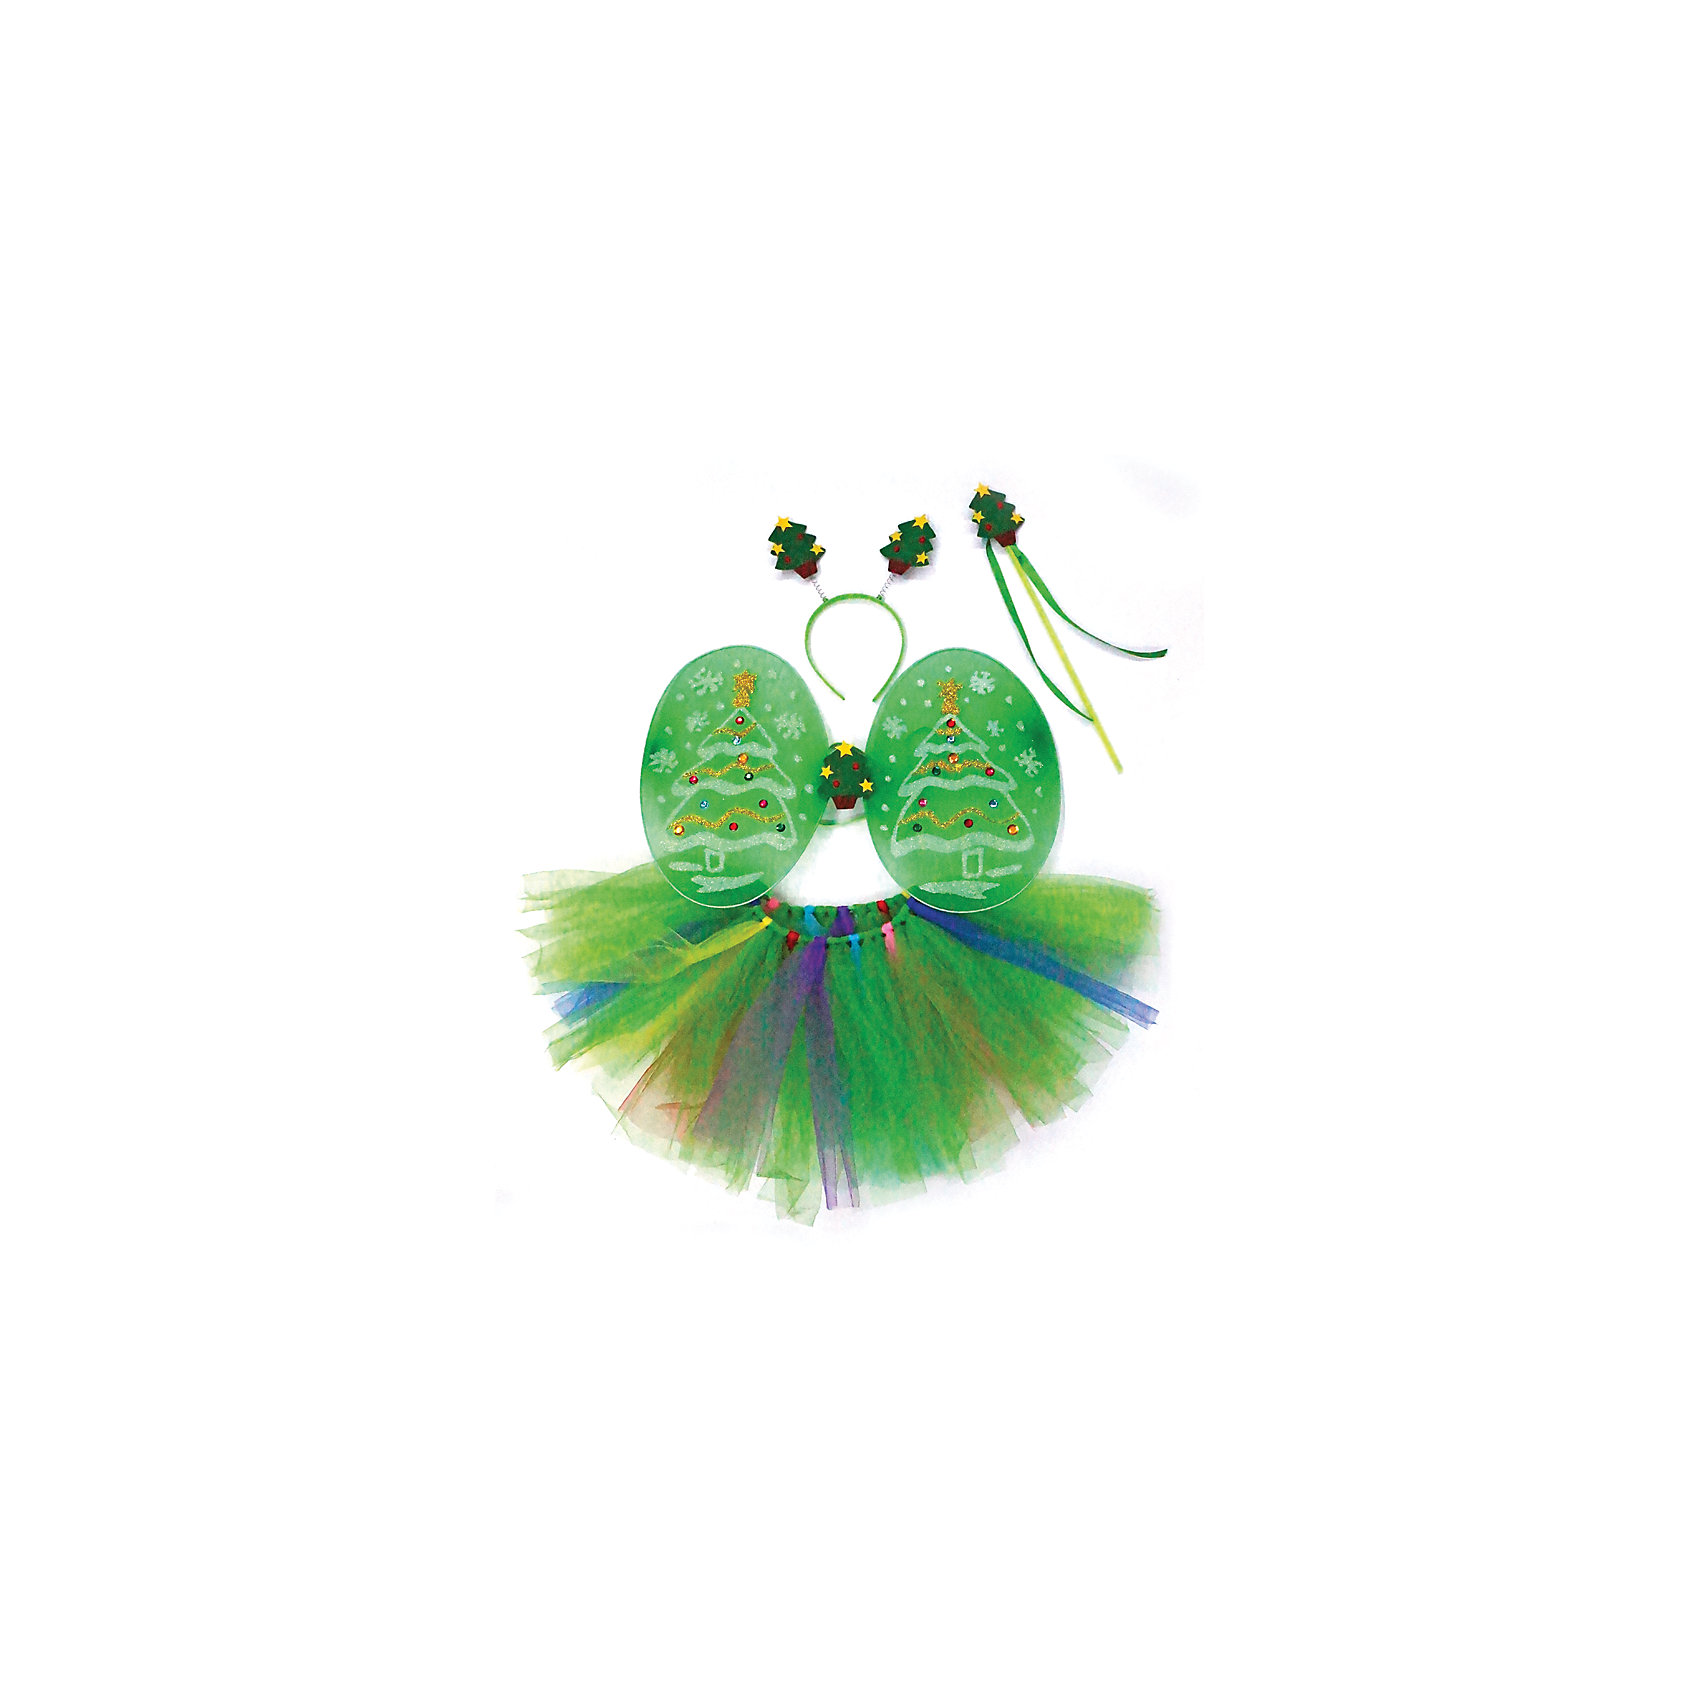 Костюм Елочки, Новогодняя сказкаКарнавальные костюмы и аксессуары<br>Характеристики товара:<br><br>• цвет: зеленый<br>• комплектация: крылья, юбка, ободок, палочка<br>• материал: текстиль, пластик<br>• для праздников и постановок<br>• упаковка: пакет<br>• размер крыльев: 45х30 см<br>• длина юбки: 25 см<br>• возраст: от 3 лет<br>• страна бренда: Российская Федерация<br>• страна изготовитель: Российская Федерация<br><br>Новогодние праздники - отличная возможность перевоплотиться в кого угодно, надев маскарадный костюм. Этот набор позволит ребенку мгновенно превратиться в ёлочку!<br>Он состоит из нескольких предметов, которые подойдут дошкольникам. Изделия удобно сидят и позволяют ребенку наслаждаться праздником или принимать участие в постановке. Модель хорошо проработана, сшита из качественных и проверенных материалов, которые безопасны для детей.<br><br>Костюм Елочки от бренда Новогодняя сказка можно купить в нашем интернет-магазине.<br><br>Ширина мм: 480<br>Глубина мм: 530<br>Высота мм: 3<br>Вес г: 181<br>Возраст от месяцев: 36<br>Возраст до месяцев: 96<br>Пол: Женский<br>Возраст: Детский<br>SKU: 5177239